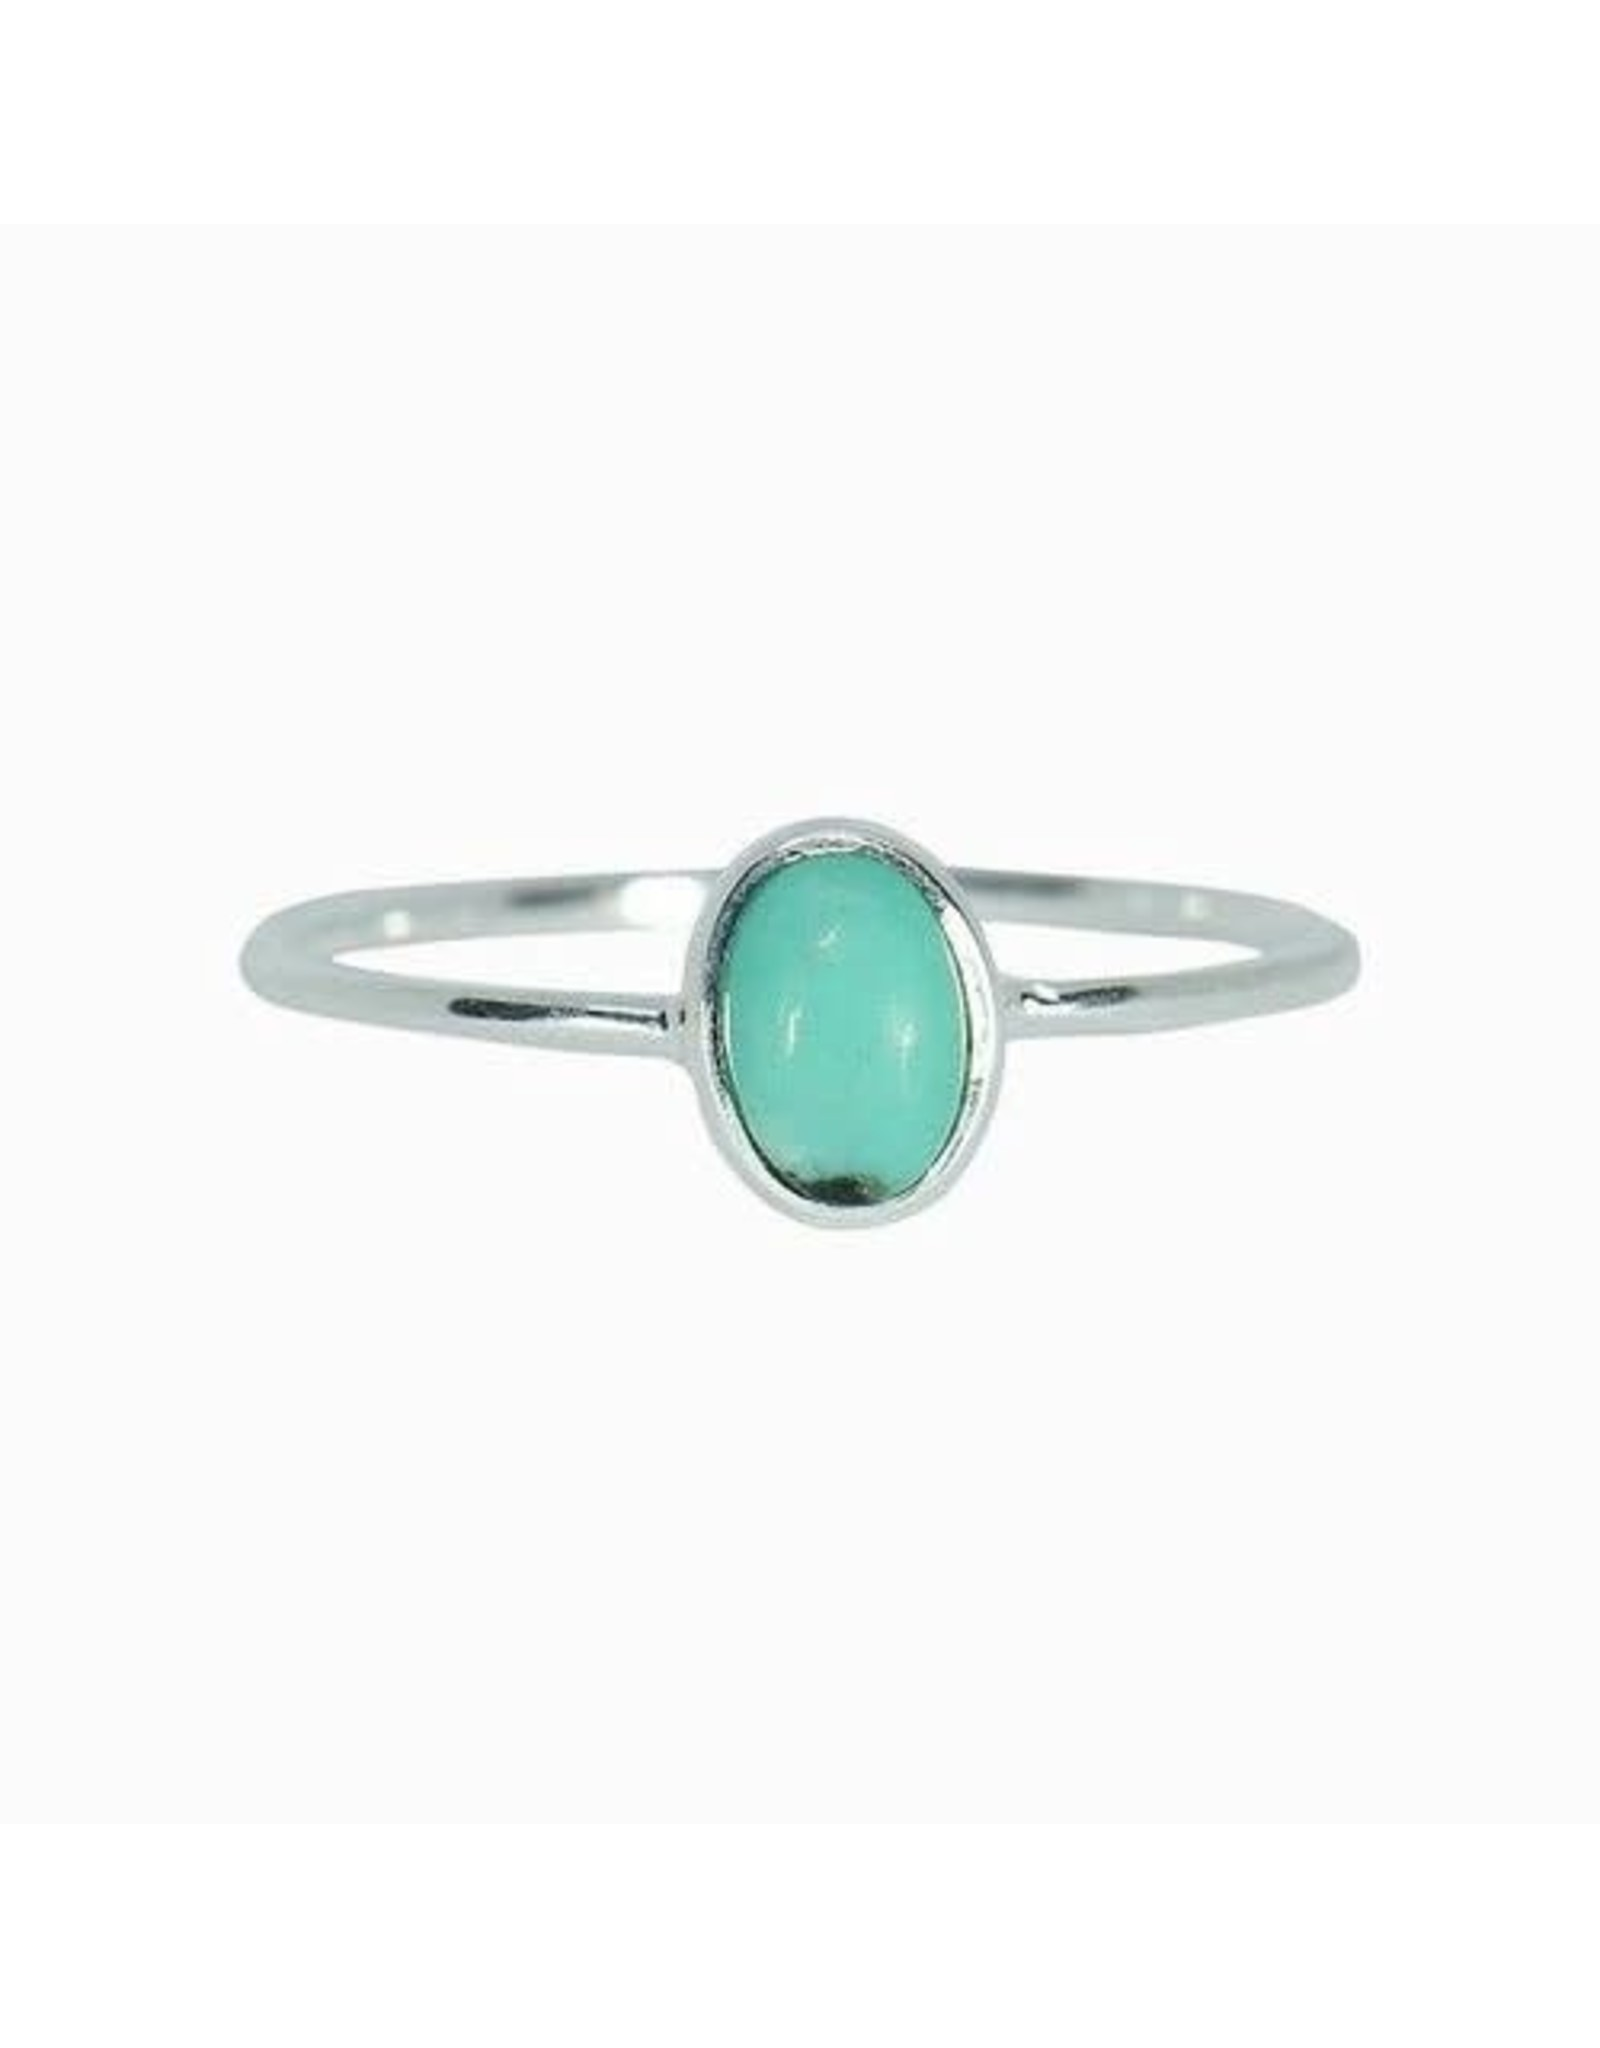 Pura Vida Turquoise Oval Stone Ring Size 6